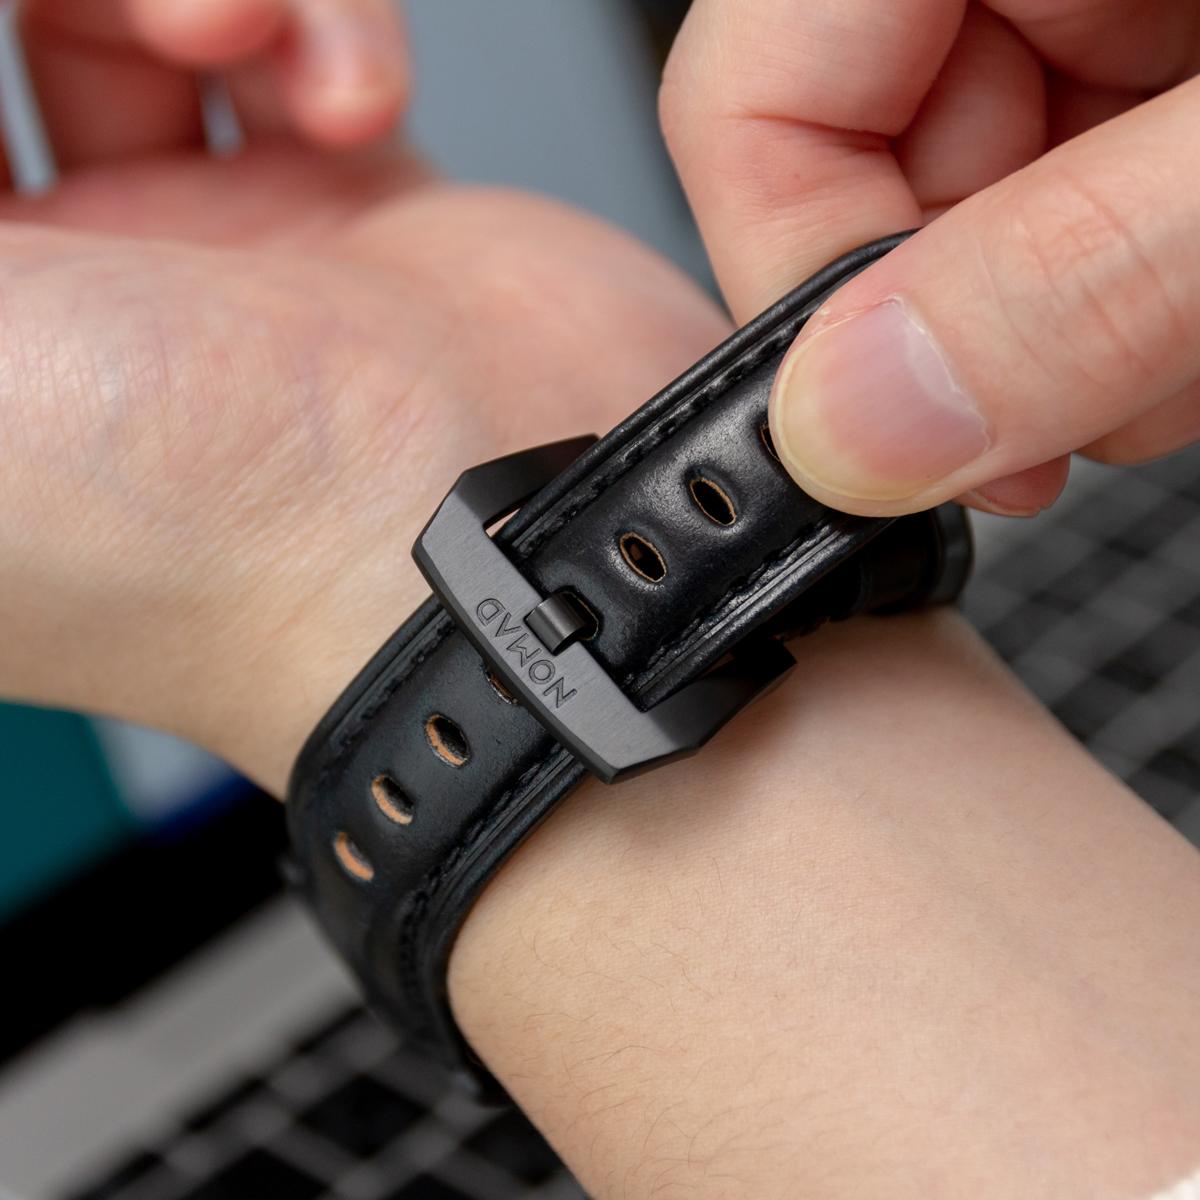 マットな光沢感とエッヂの効いた輪郭が魅力のバックルがついた希少革「シェルコードバン」のApple Watchバンド| NOMAD